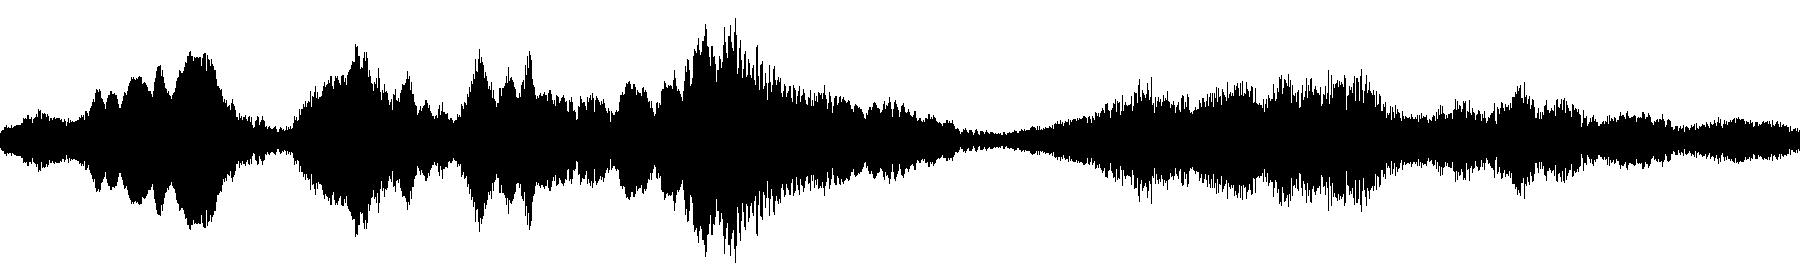 dual dynami singing